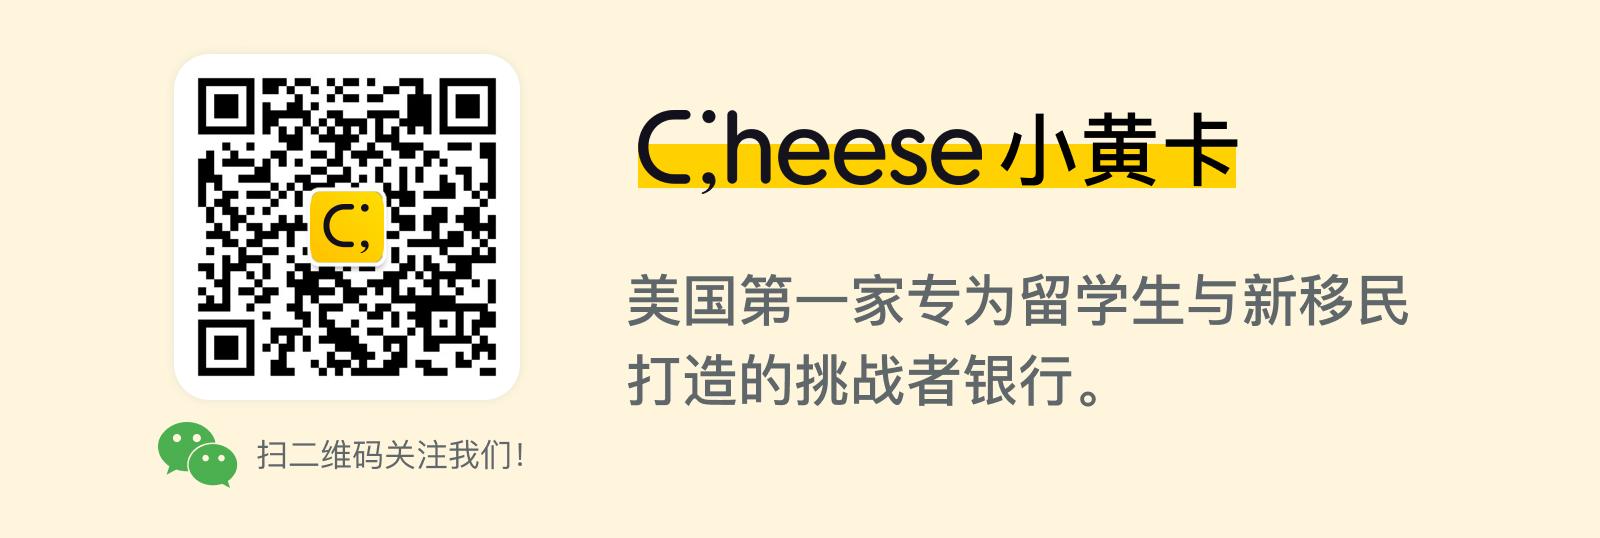 Cheese 小黄卡